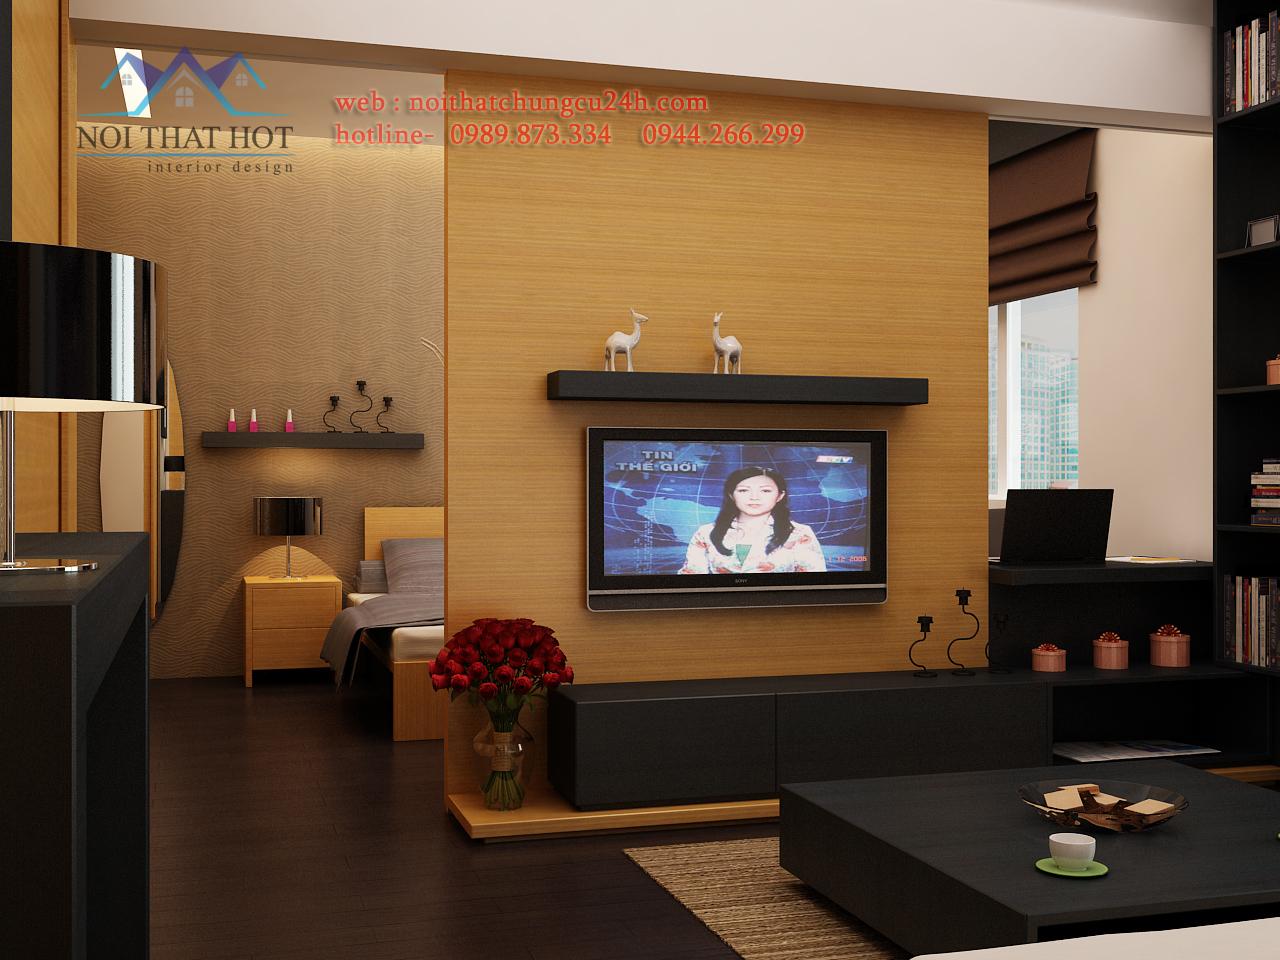 Phòng khách trong thiết kế nội thất chung cư hiện đại